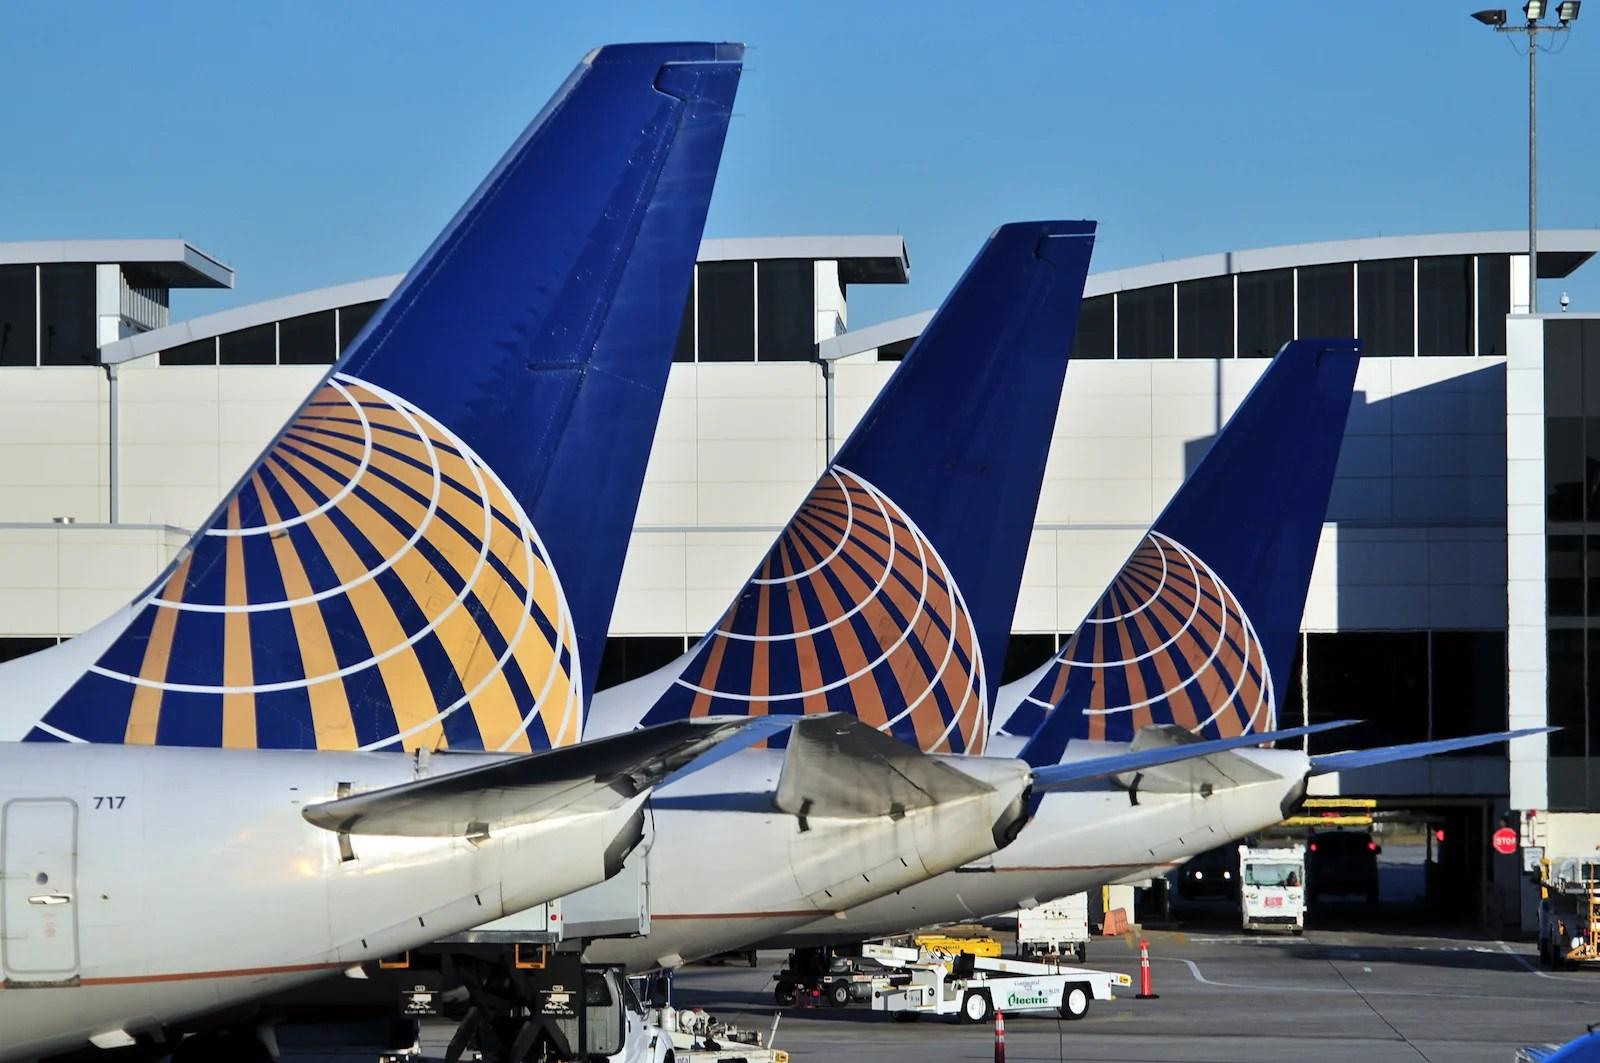 Coronavirus: United slashes international flying to just 15 long-haul routes